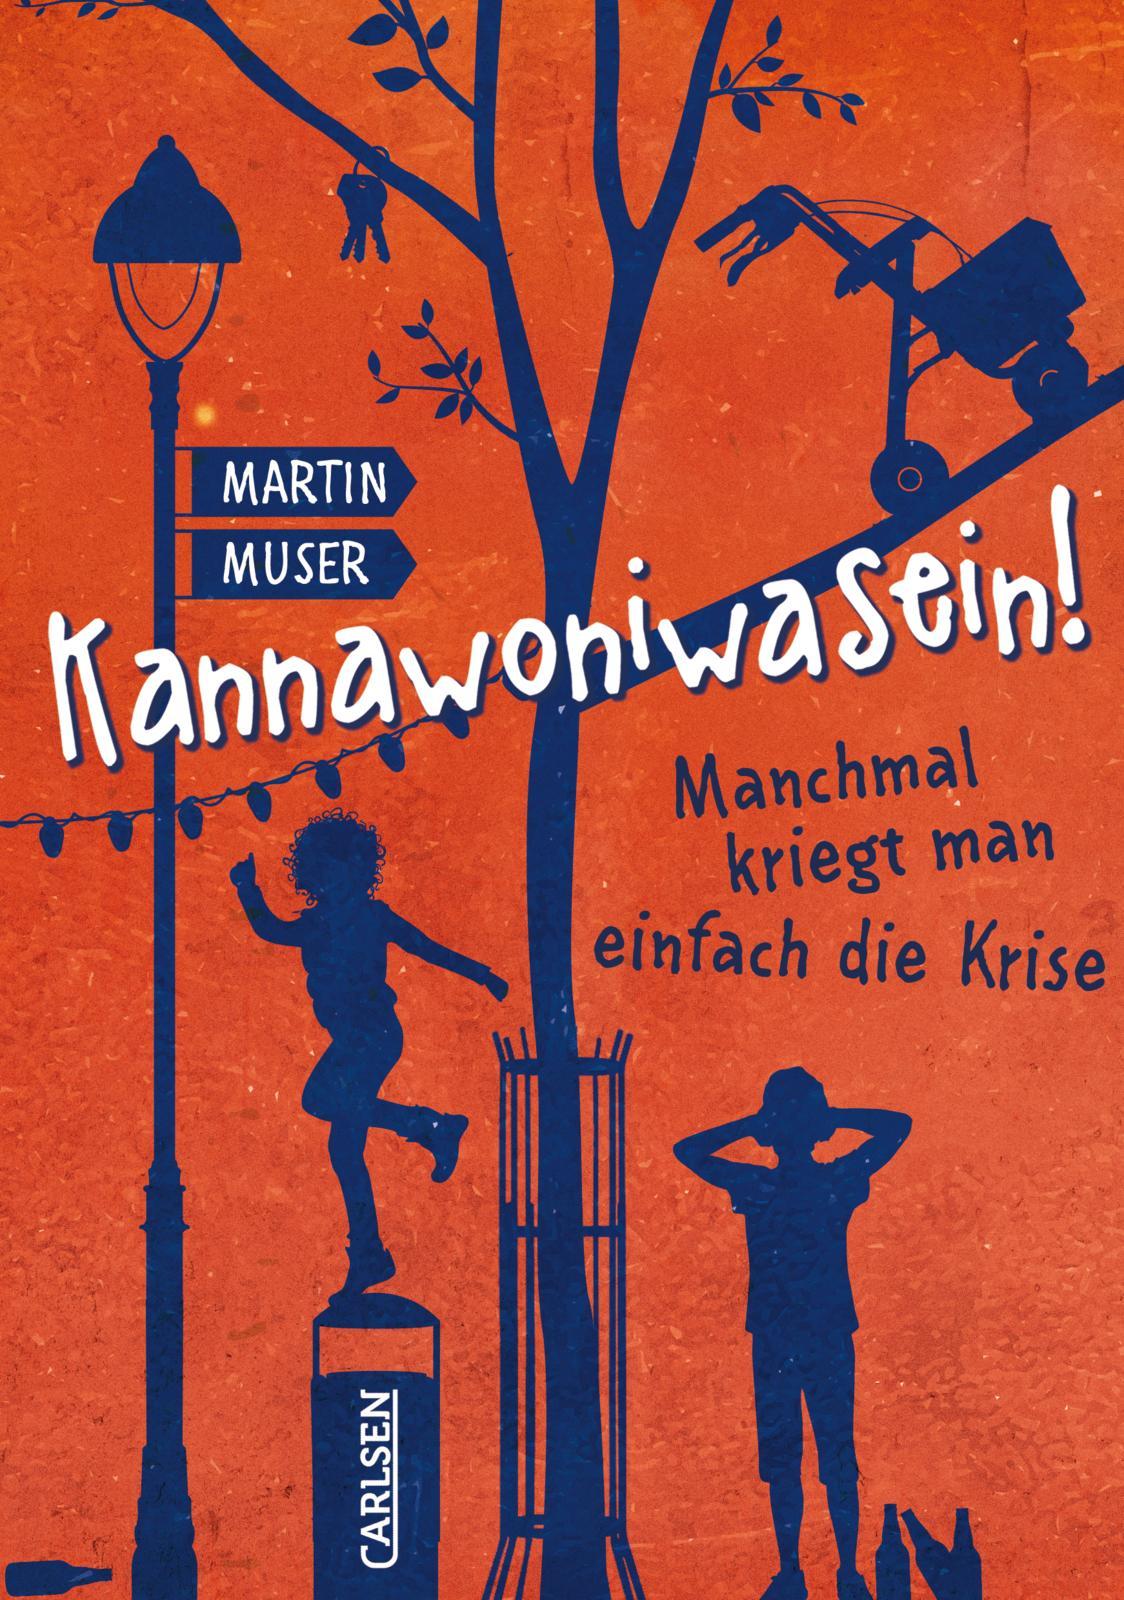 Kannawoniwasein! von Martin Muser Parkbuchhandlung Buchhandlung Bonn Bad Godesberg